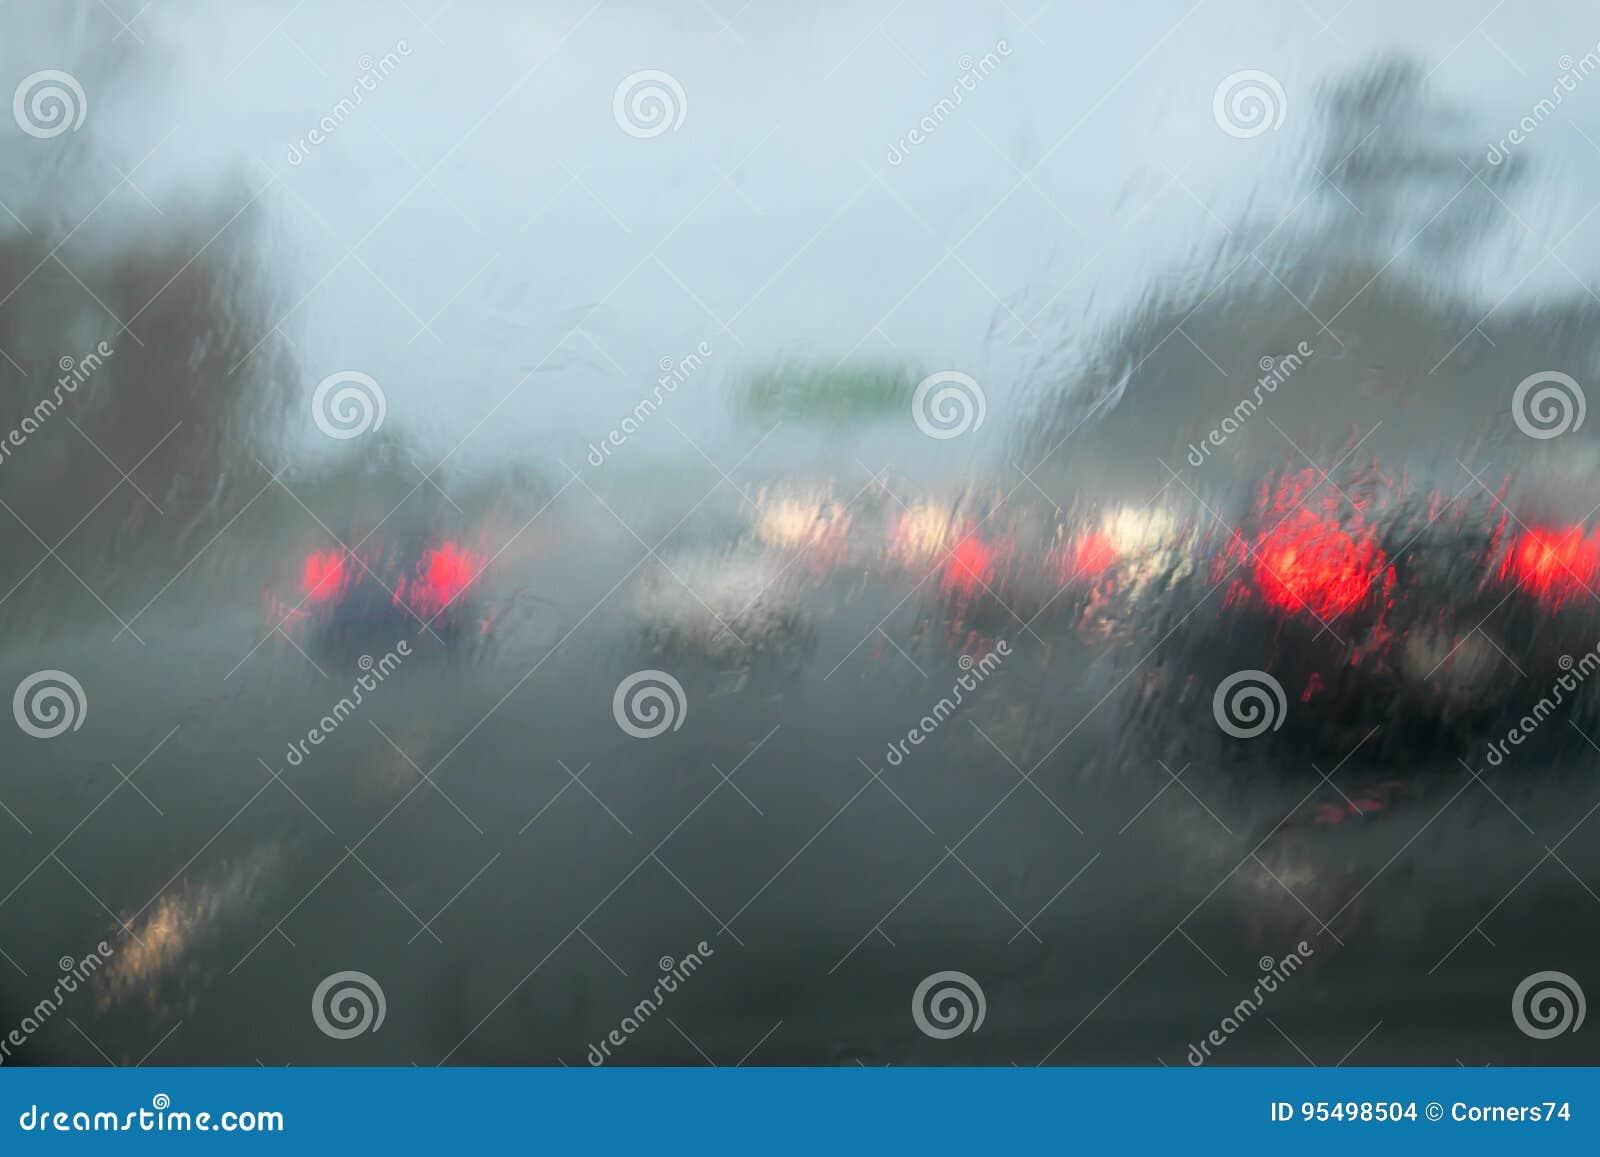 Traffico di automobile che guida con la pioggia persistente sul tergicristallo dell automobile - dichiari ciao